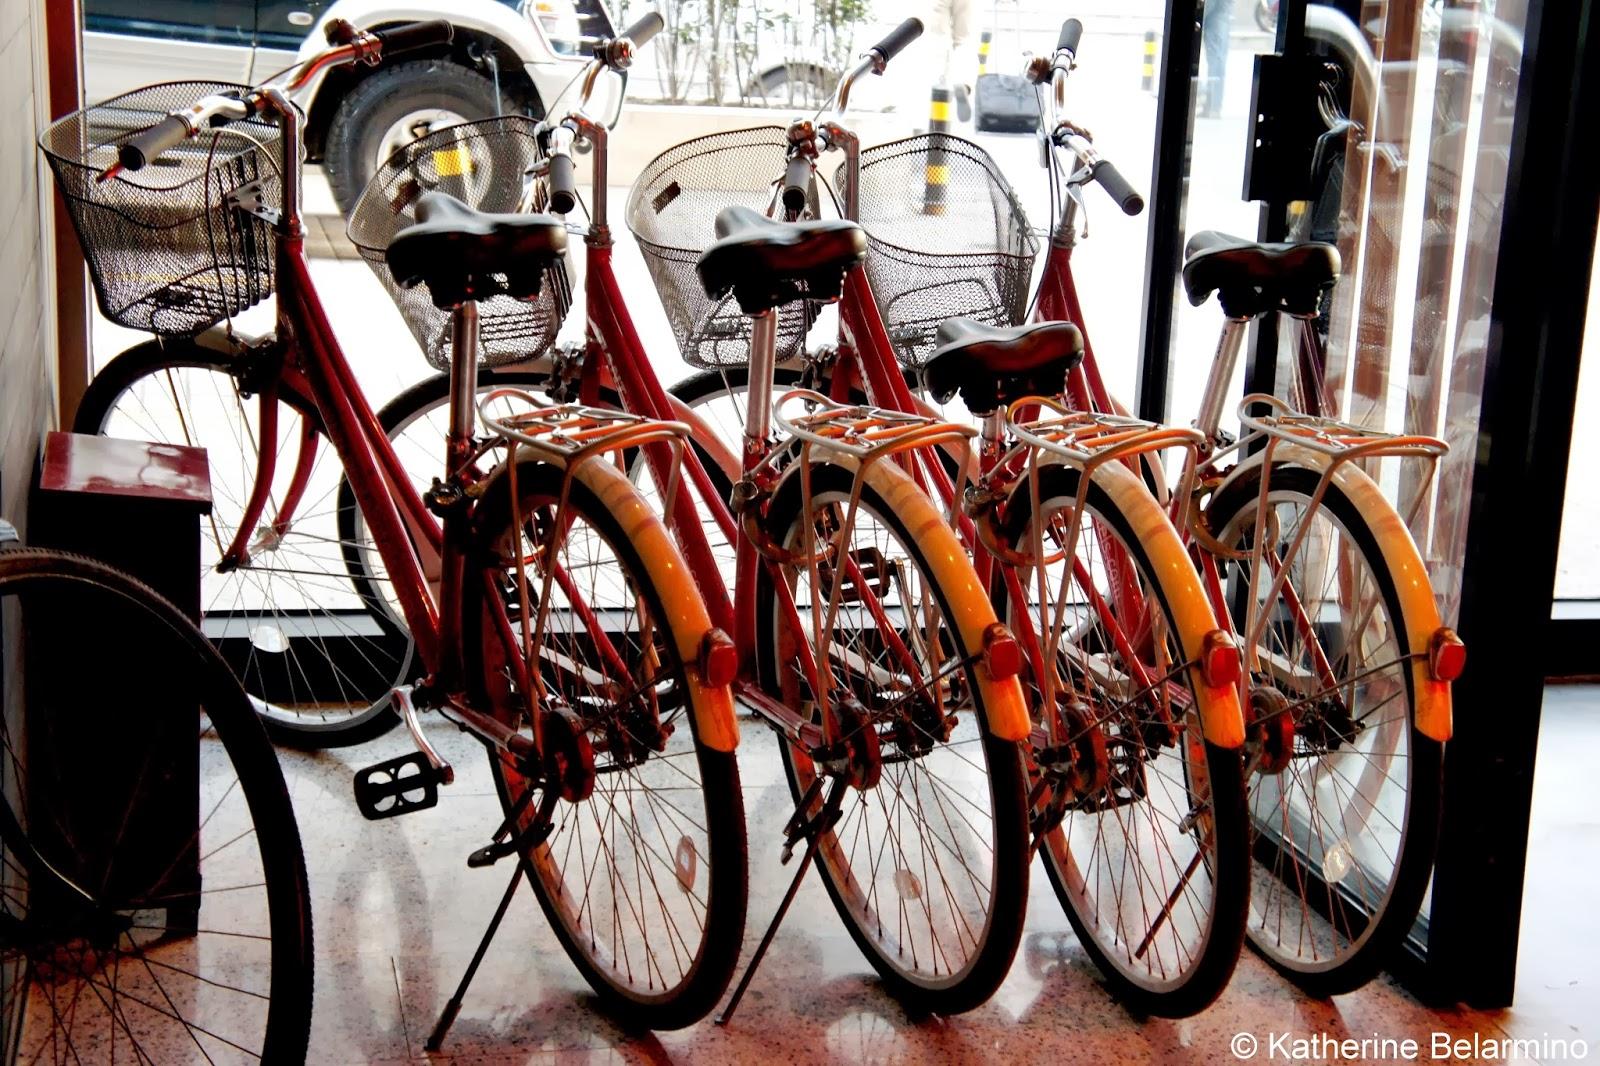 pentafun bikes pentahotel Beijing China